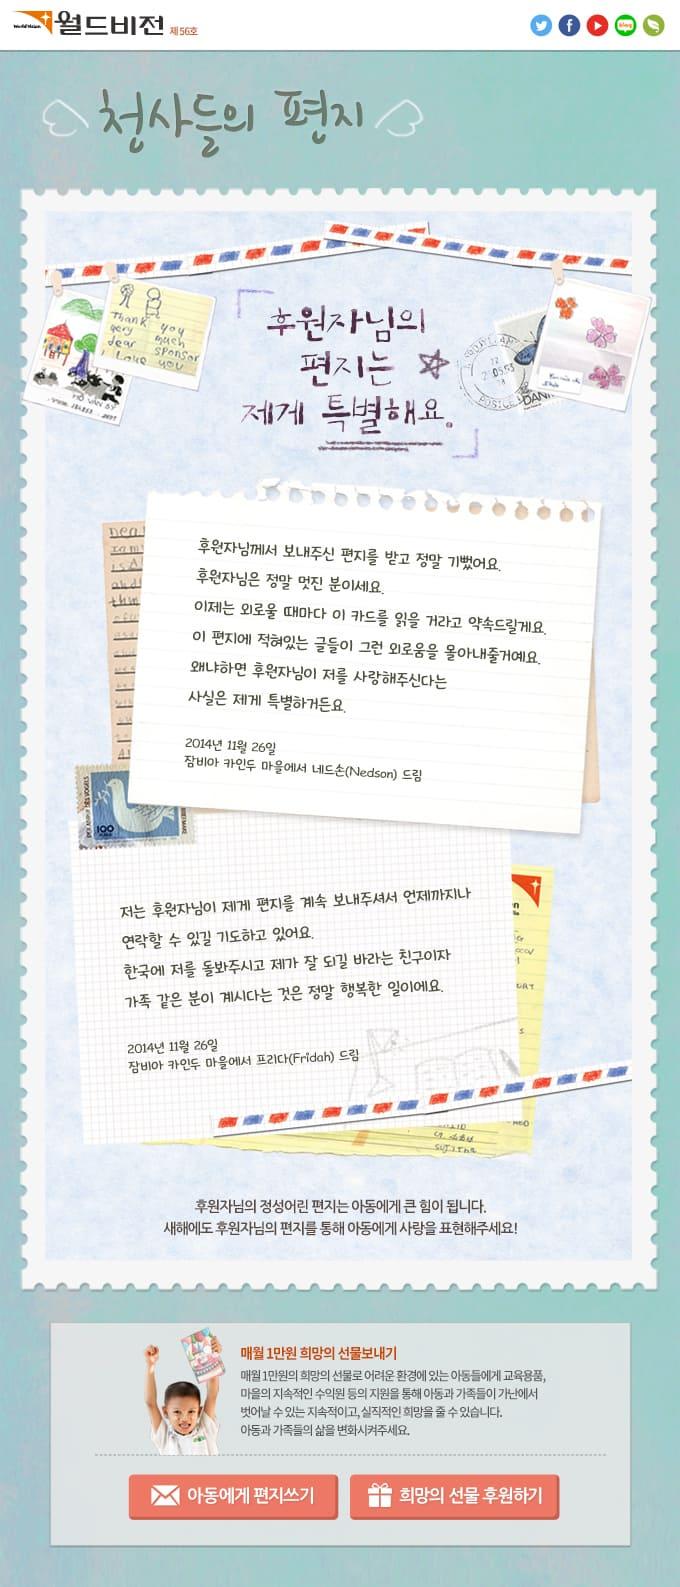 천사들의 편지 제목: 후원자님의 편지는 제게 특별해요. 1) 후원자님께서 보내주신 편지를 받고 정말 기뻤어요. 후원자님은 정말 멋진 분이세요. 이제는 외로울 때마다 이 카드를 읽을 거라고 약속드릴게요. 이 편지에 적혀있는 글들이 그런 외로움을 몰아내줄거예요. 왜냐하면 후원자님이 저를 사랑해주신다는 사실은 제게 특별하거든요. 2014년 11월 26일, 잠비아 카인두 마을에서 네드손(Nedson) 드림 2) 저는 후원자님이 제게 편지를 계속 보내주셔서 언제까지나 연락할 수 있길 기도하고 있어요. 한국에 저를 돌봐주시고 제가 잘 되길 바라는 친구이자 가족 같은 분이 계시다는 것은 정말 행복한 일이에요. 2014년 11월 26일, 잠비아 카인두 마을에서 프리다(Fridah) 드림